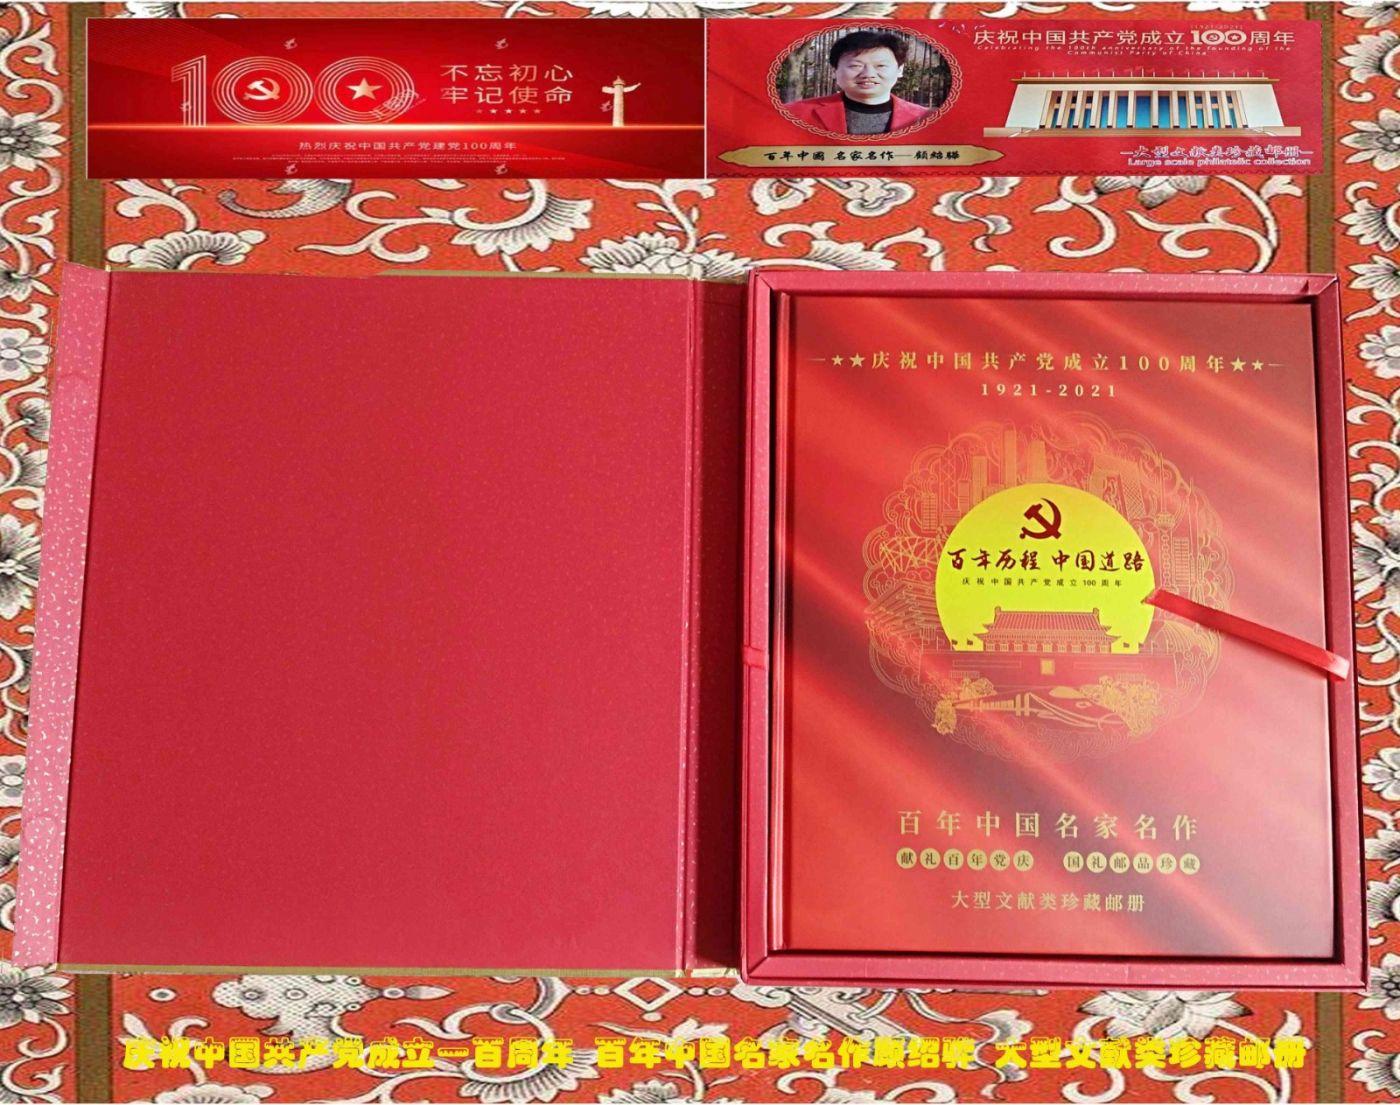 顾绍骅的诗情画意又入选《庆祝中国共产党成立100周年 百年中国名家名作》 ..._图1-2